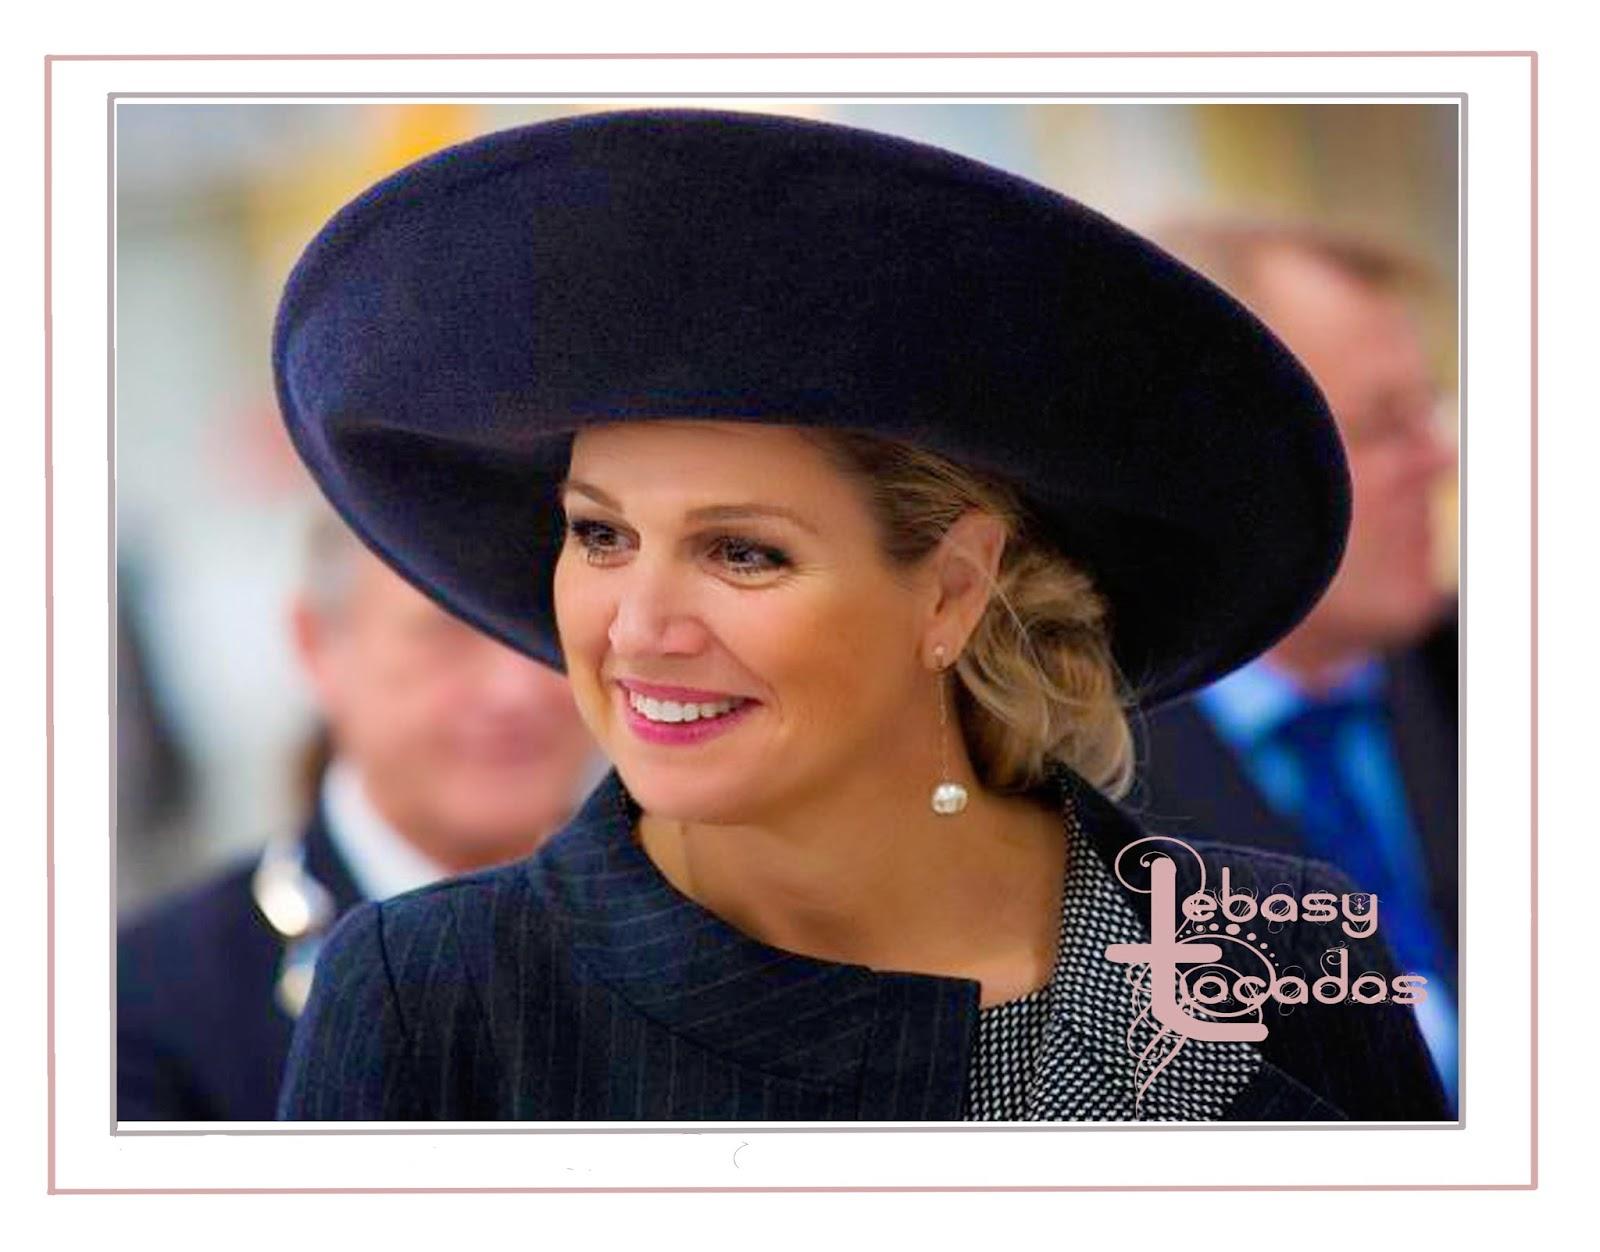 Las pamelas de Máxima Zorreguieta, reina de Holanda